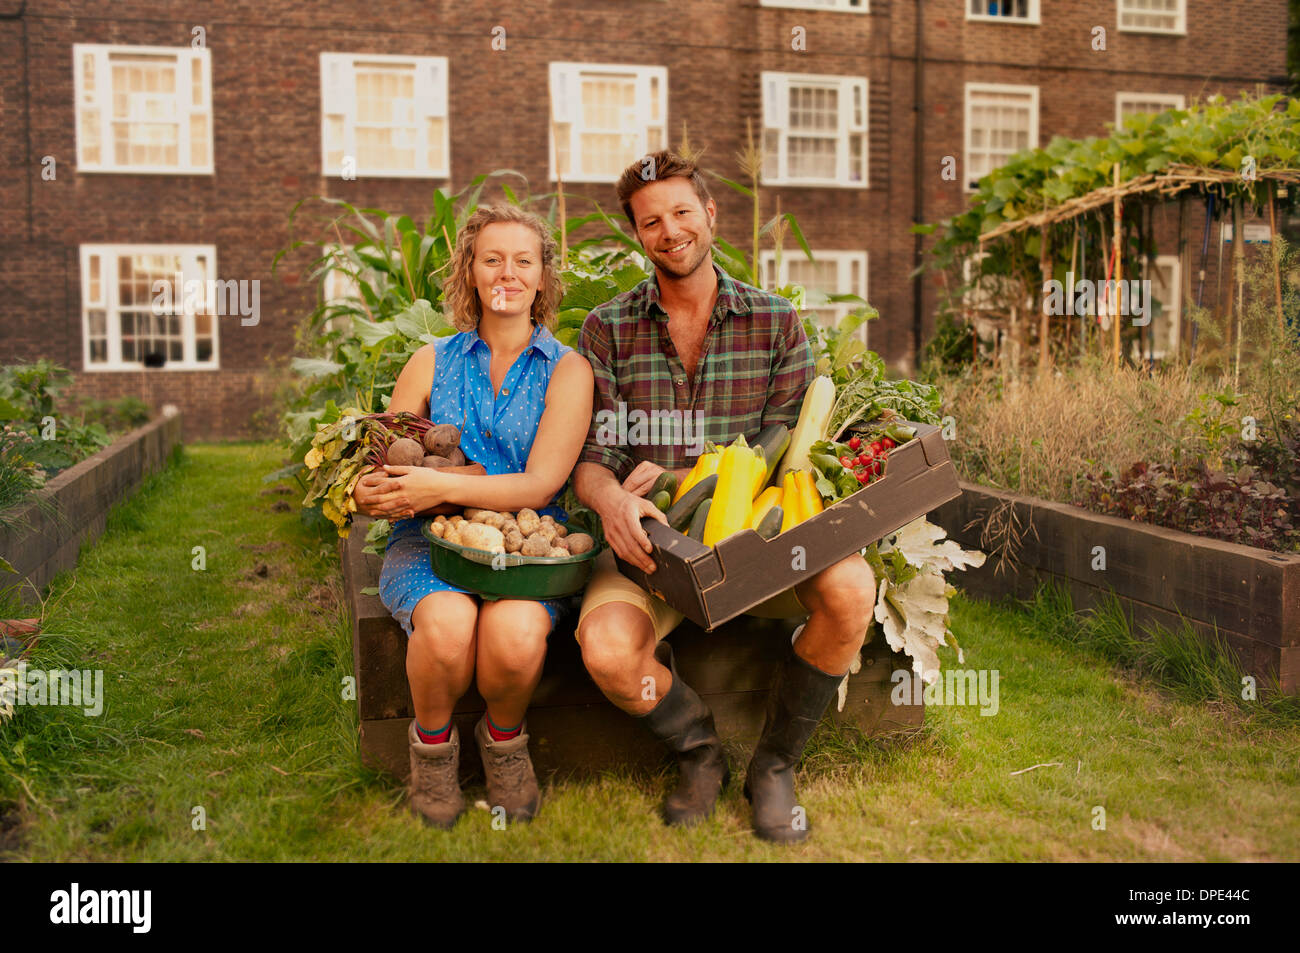 Couple holding récoltés légumes sur biens immobiliers du Conseil spécial Photo Stock